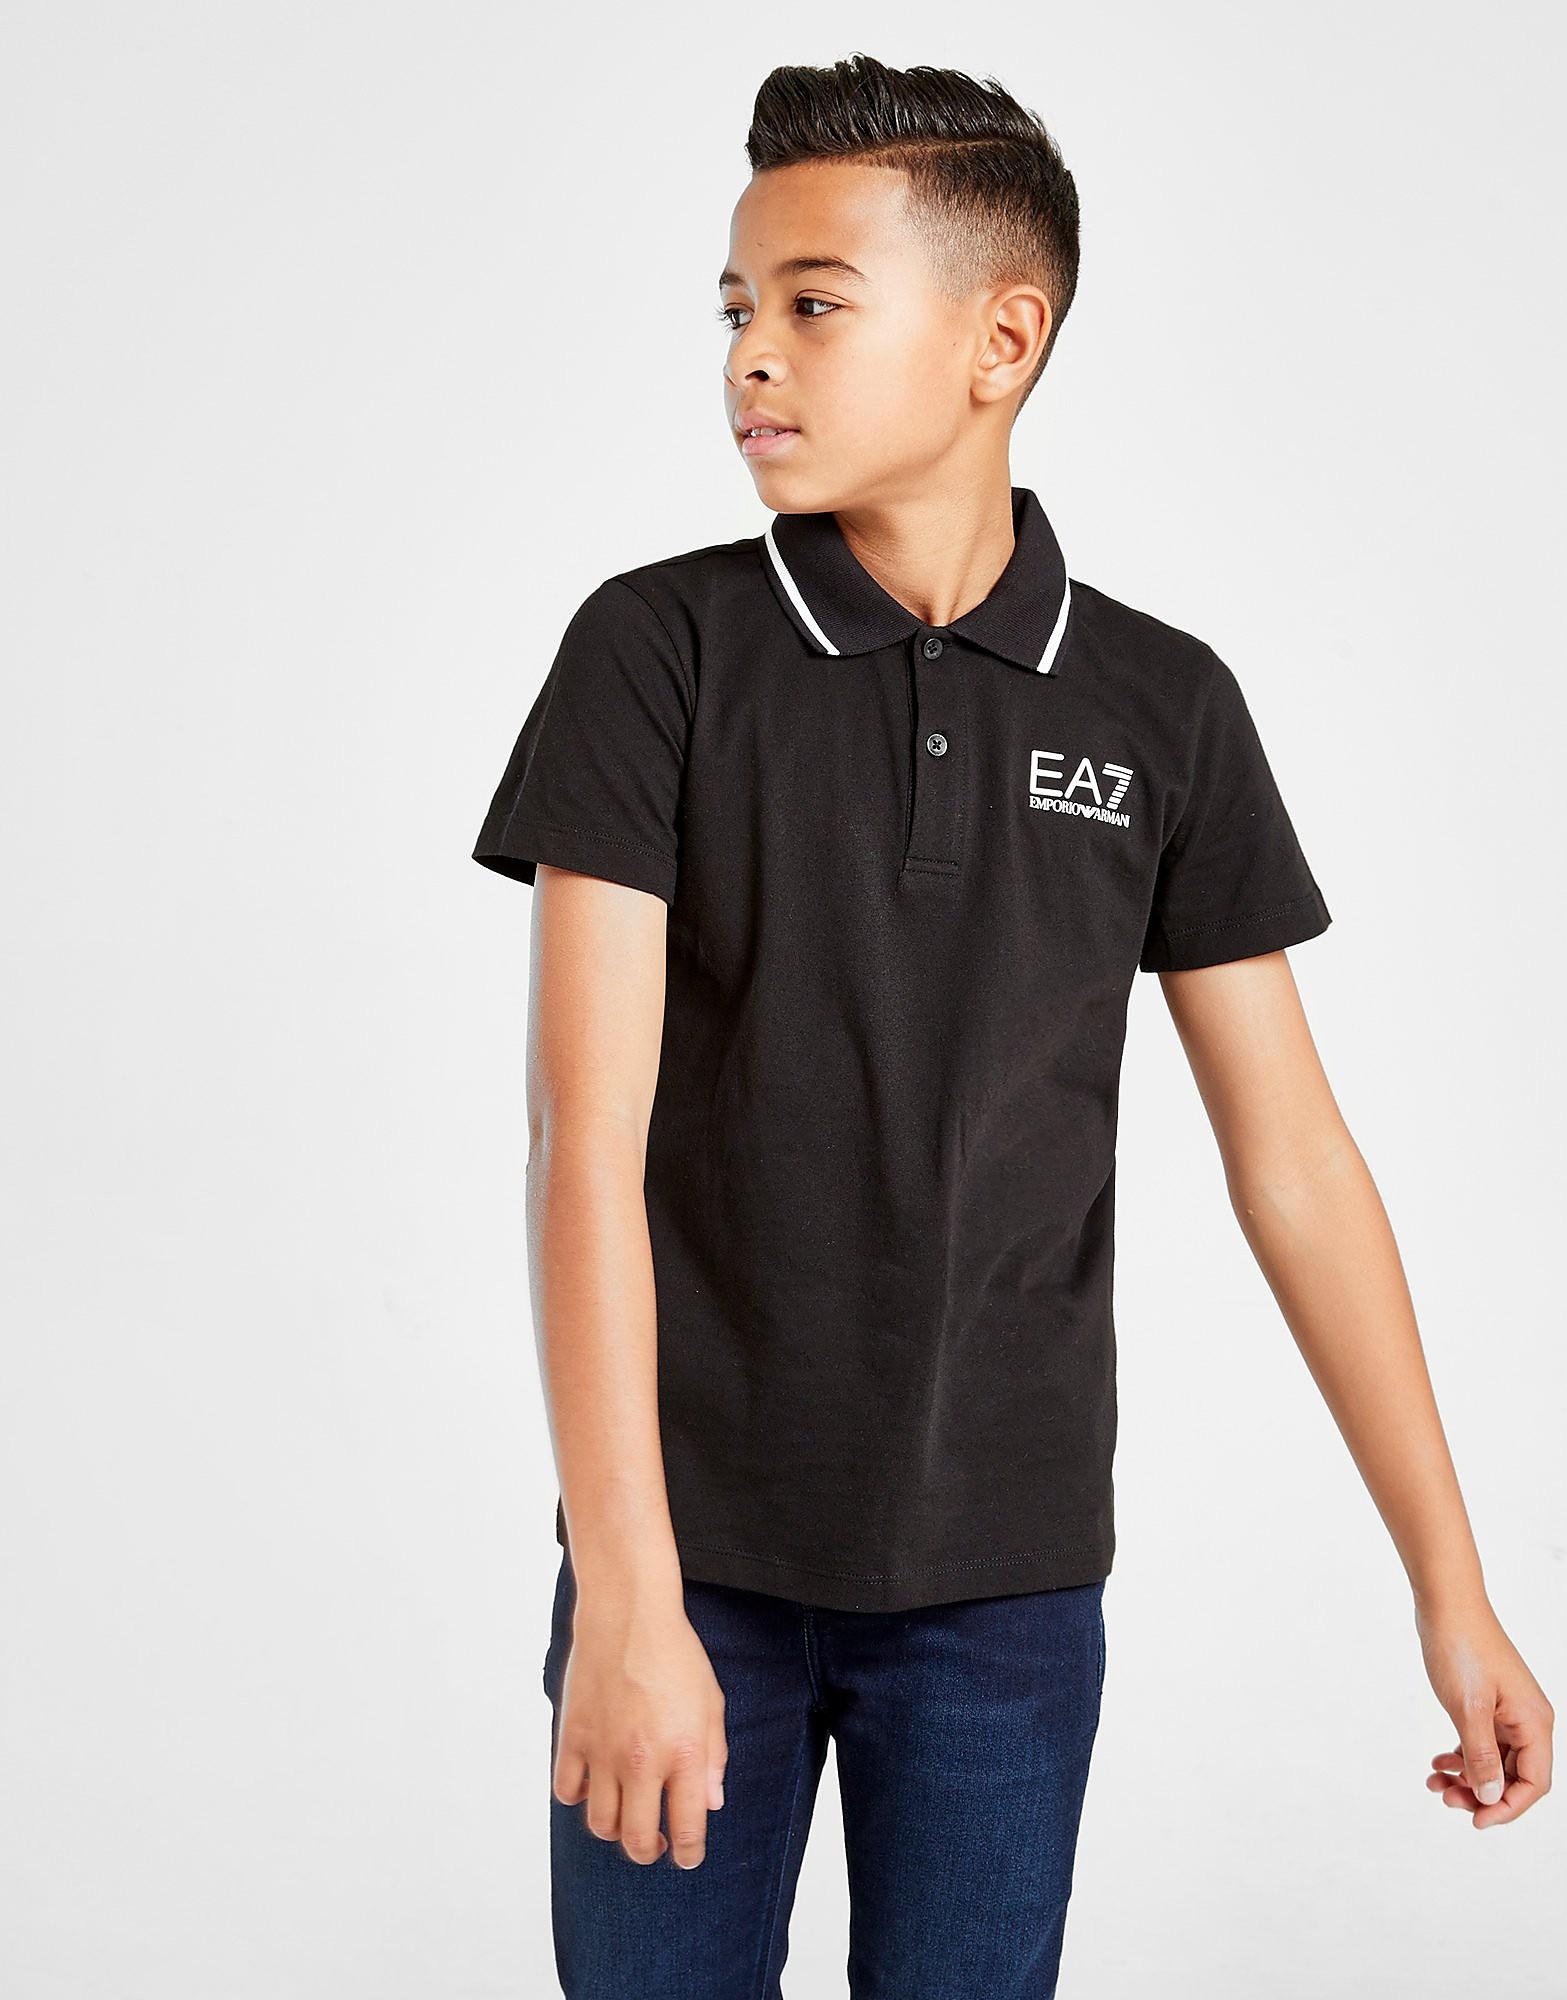 Emporio Armani EA7 Core Polo Shirt Junior Zwart Kind Zwart